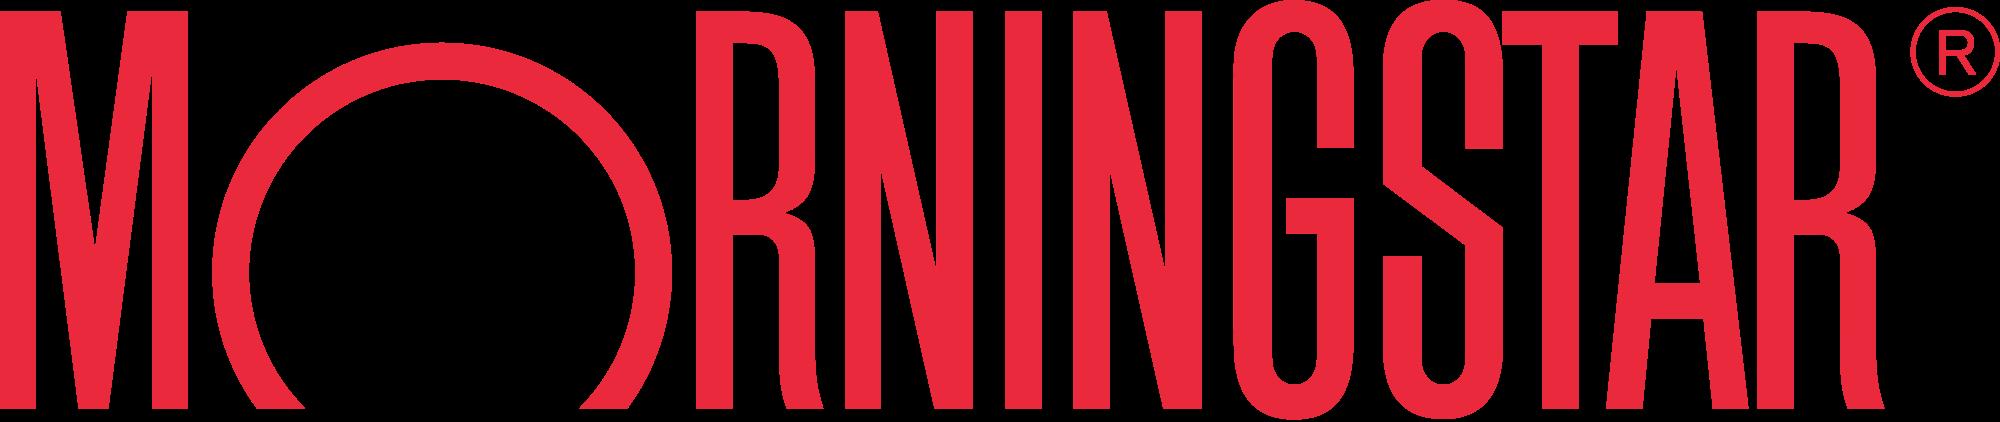 Morningstar (NASDAQ:MORN) Company Logo